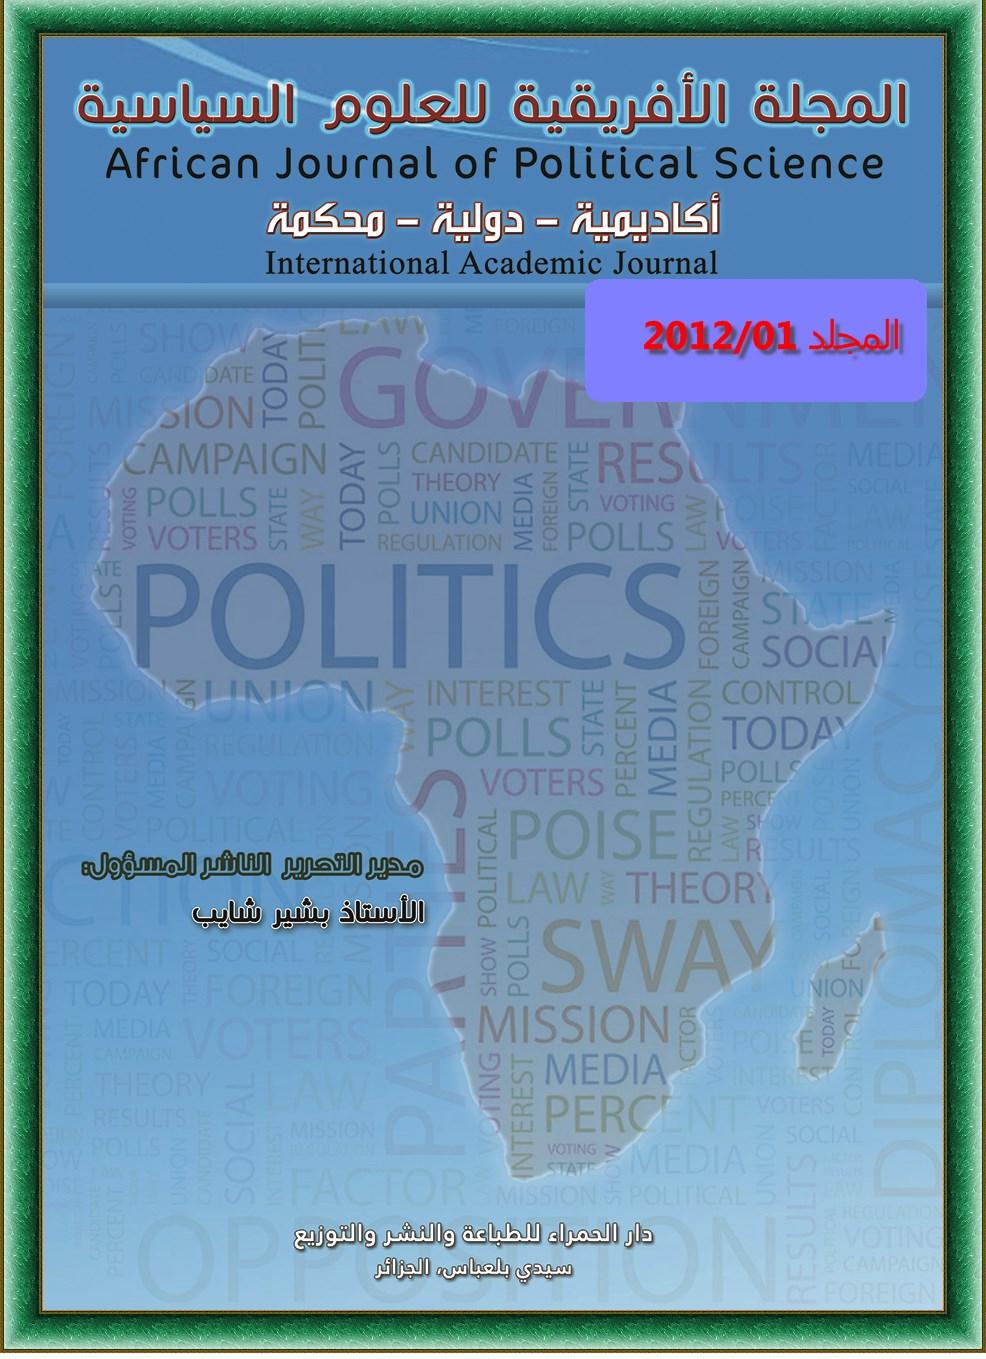 المجلة الافريقية للعلوم السياسية 2012